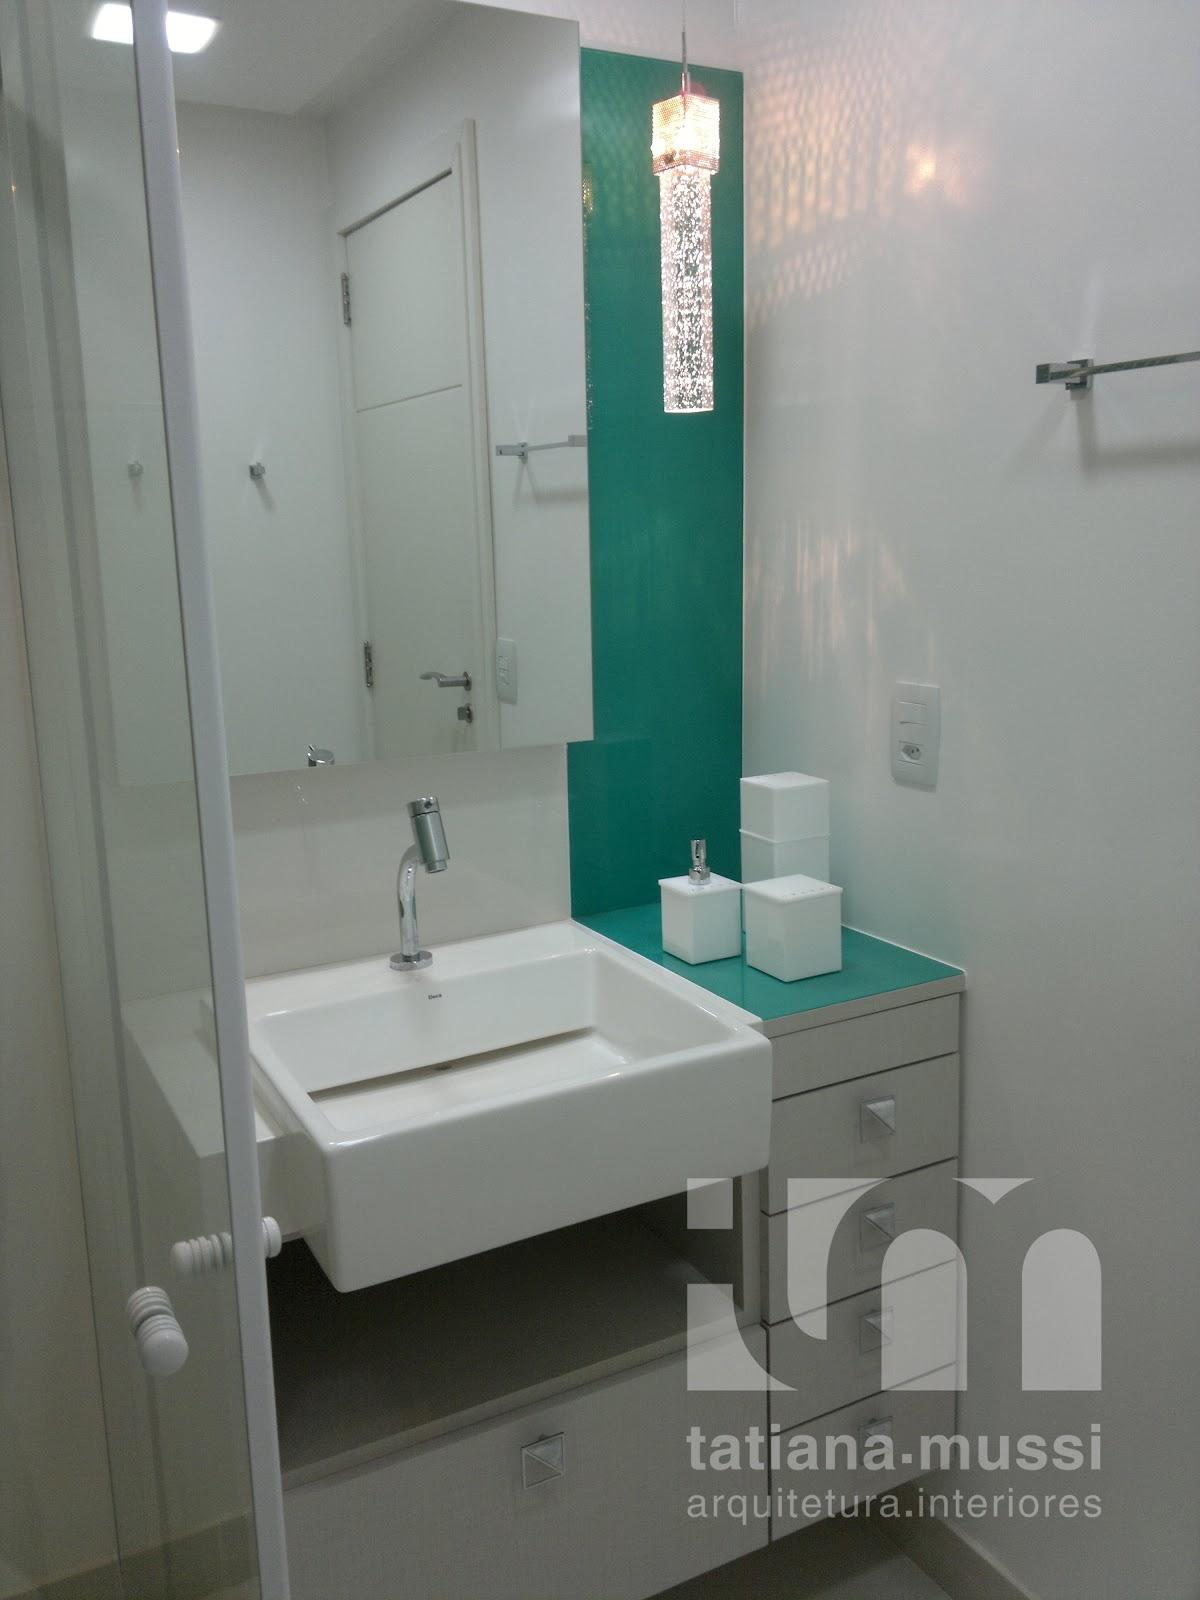 Tatiana Mussi Arquitetura e Interiores: Apartamento na praia #21594F 1200x1600 Banheiro Casal Pequeno